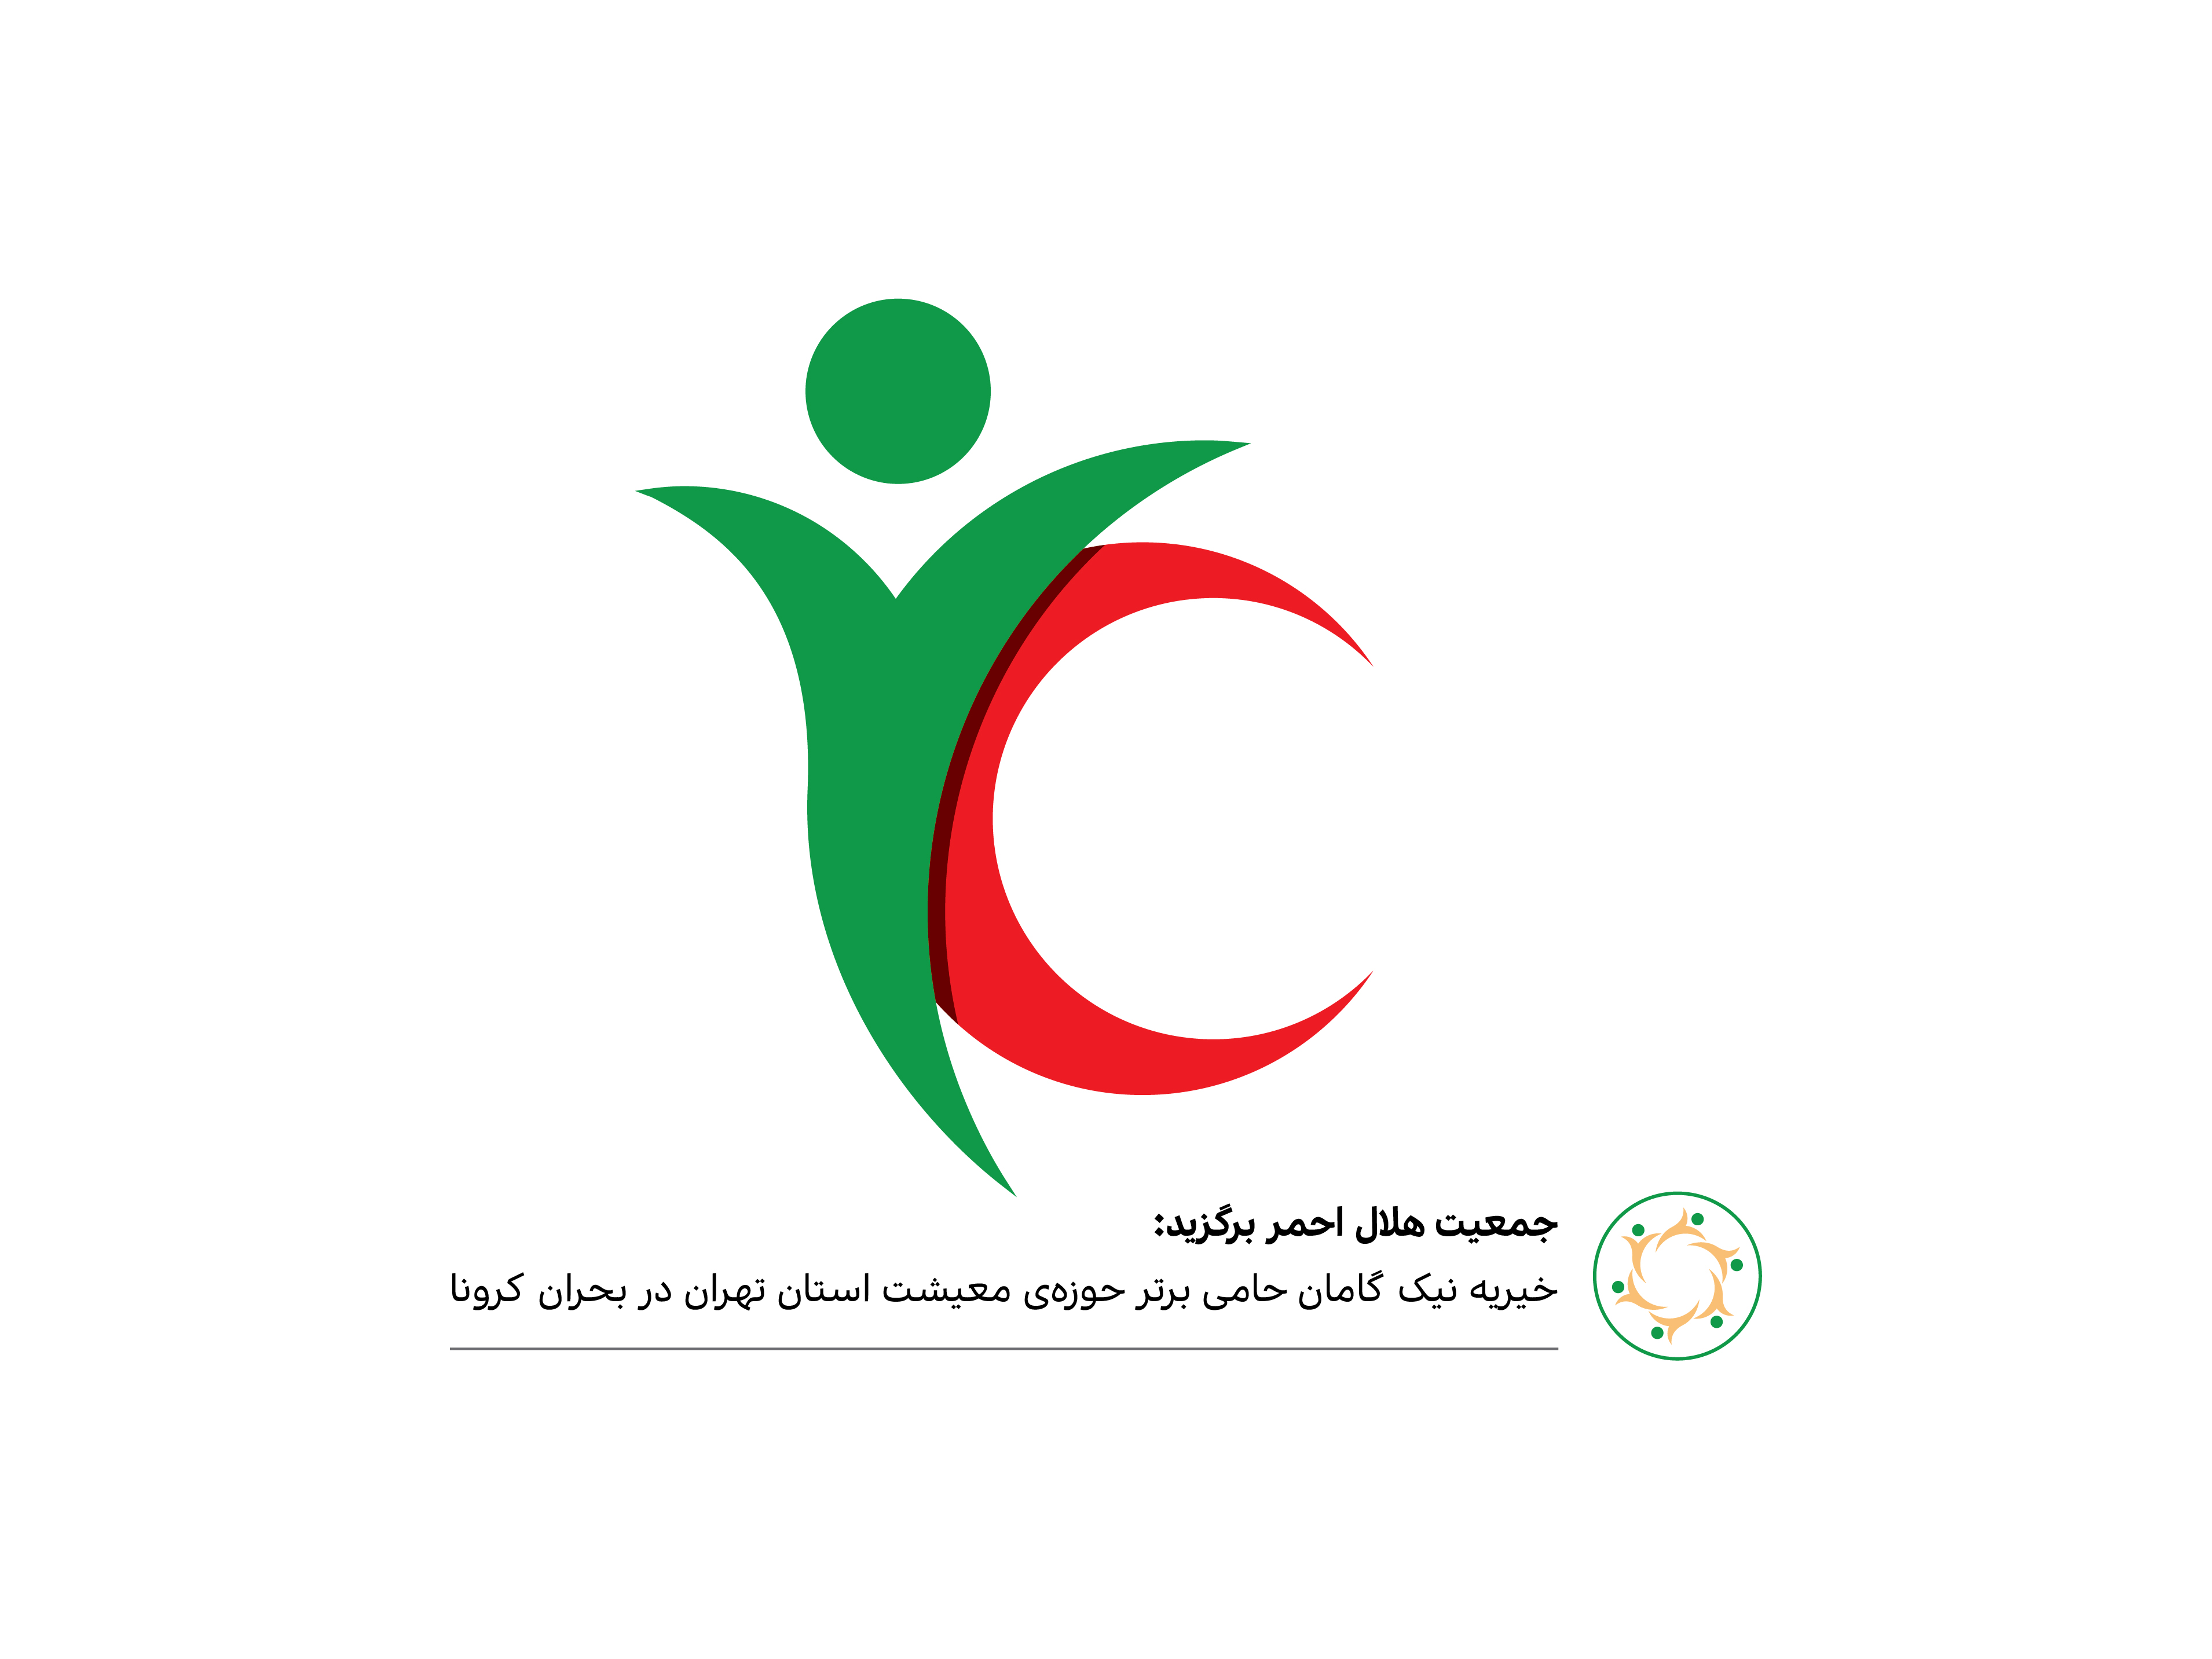 جمعیت هلال احمر برگزید: موسسه خیریه نیک گامان حامی برتر حوزه معیشت استان تهران در بحران کرونا